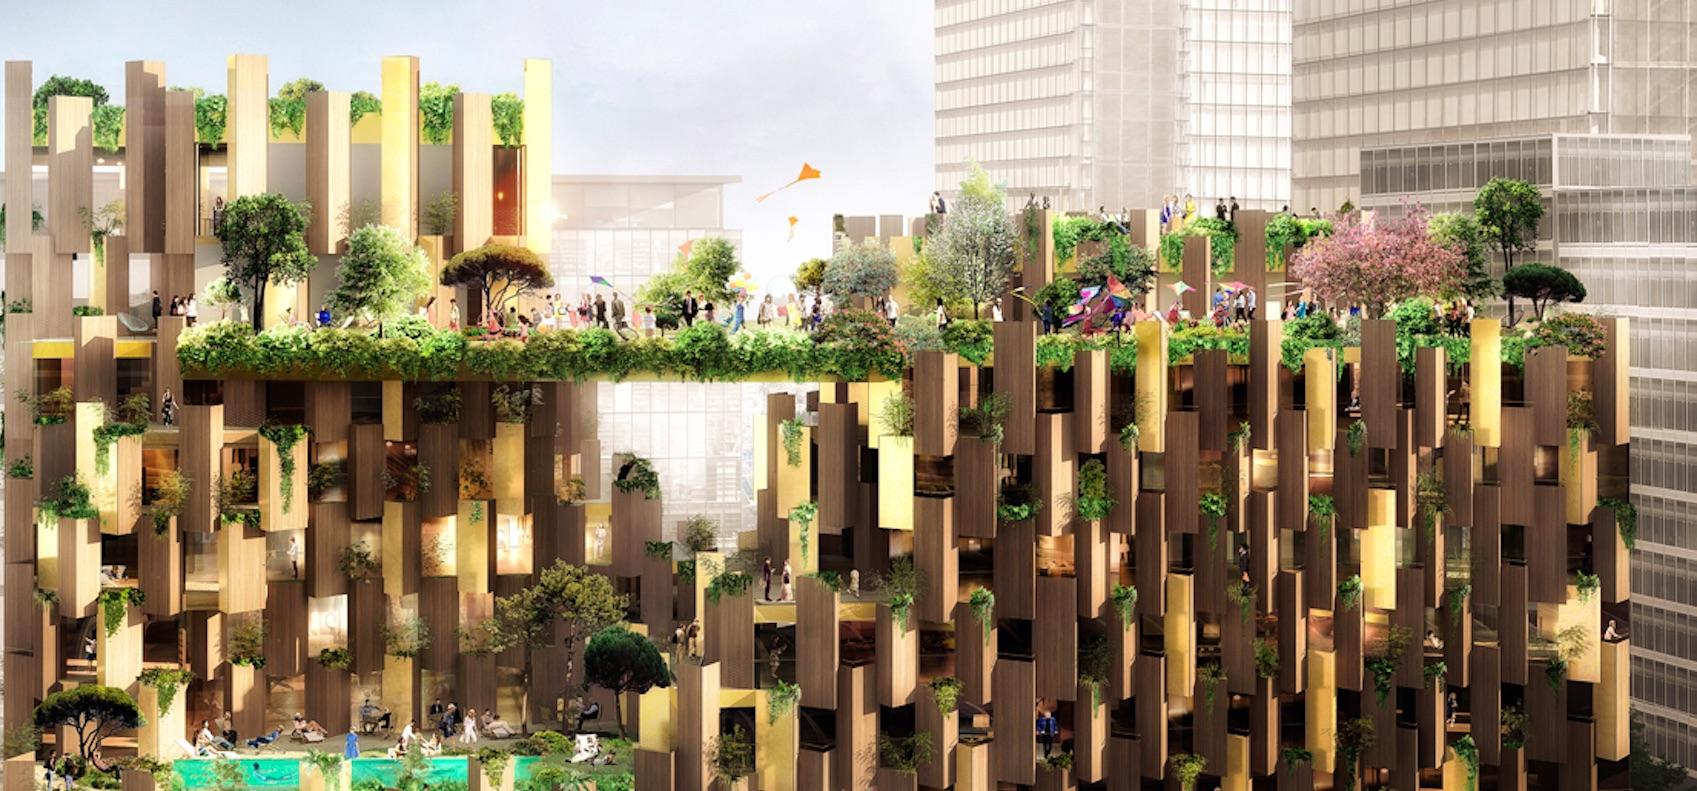 Architetto Di Giardini cubo e giardini verticali in alcuni esempi concreti di